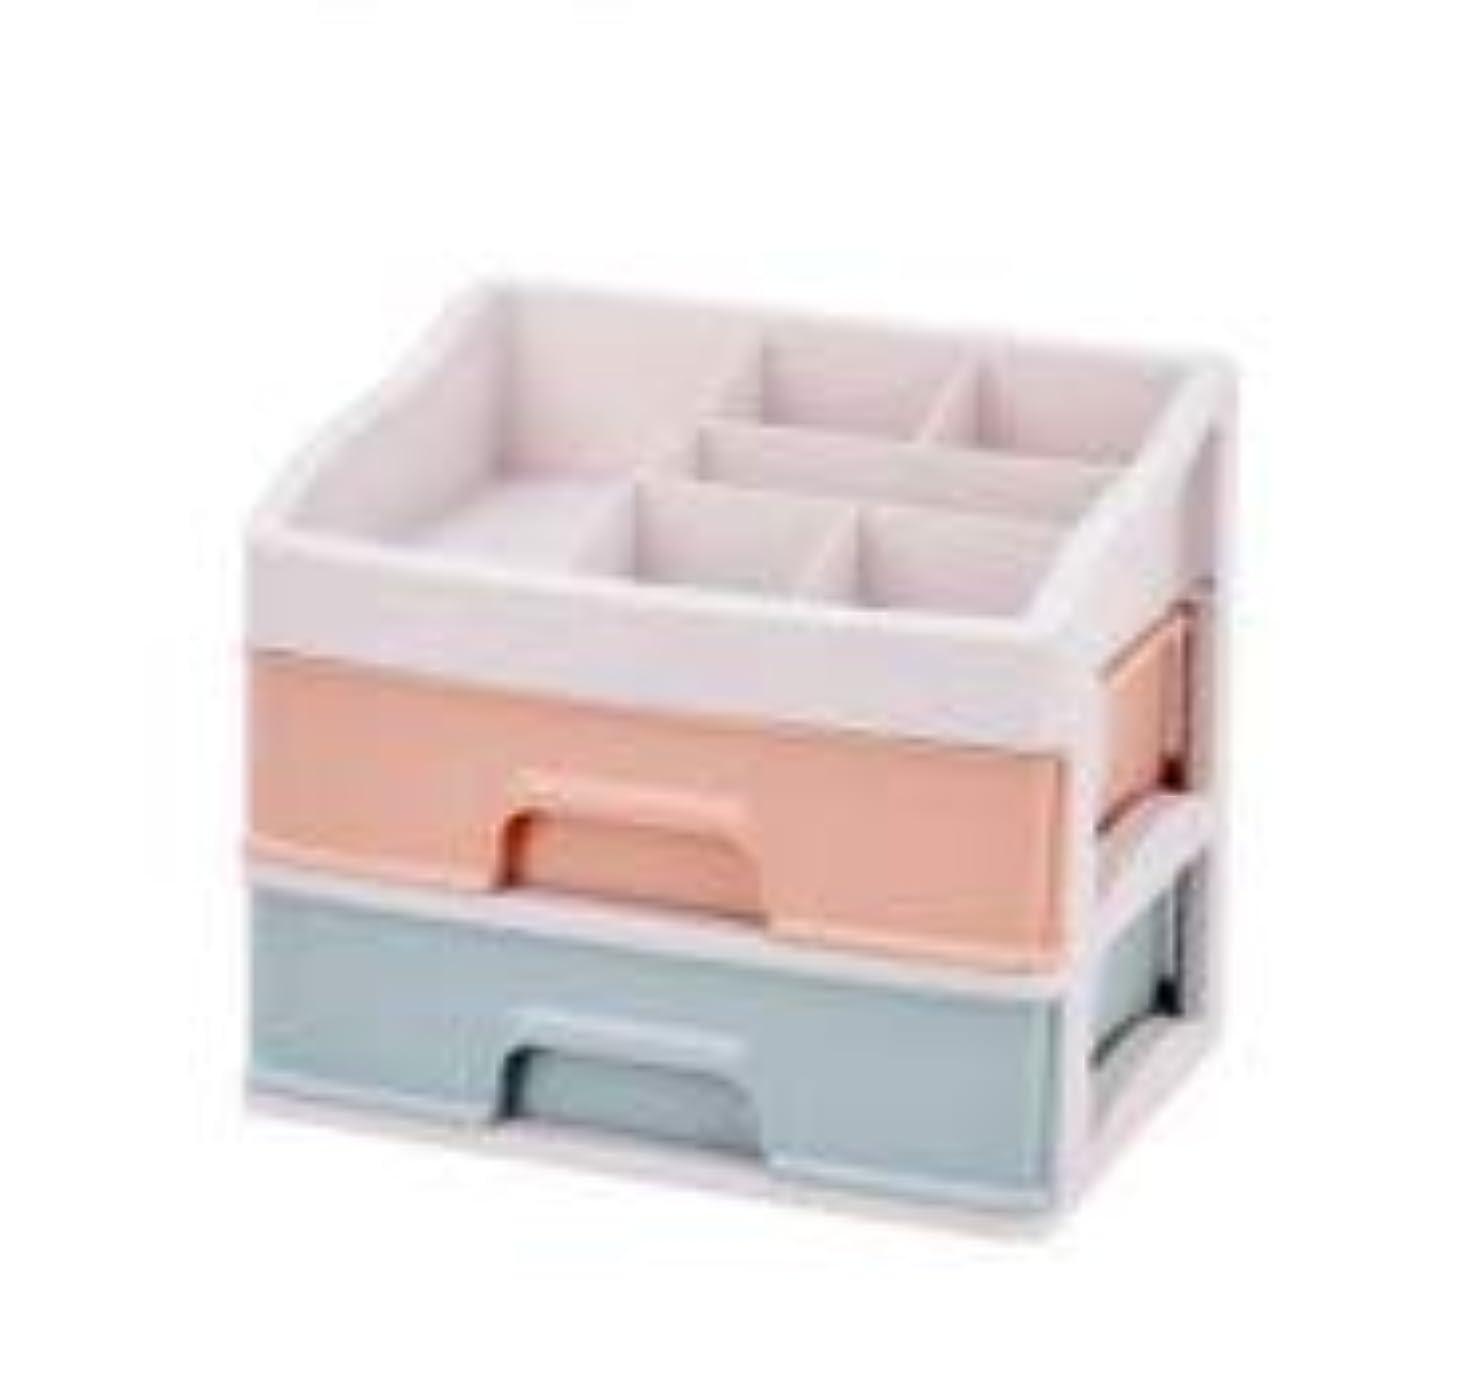 補助金予言する単調な化粧品収納ボックス引き出しデスクトップ収納ラック化粧台化粧品ケーススキンケア製品 (Size : M)